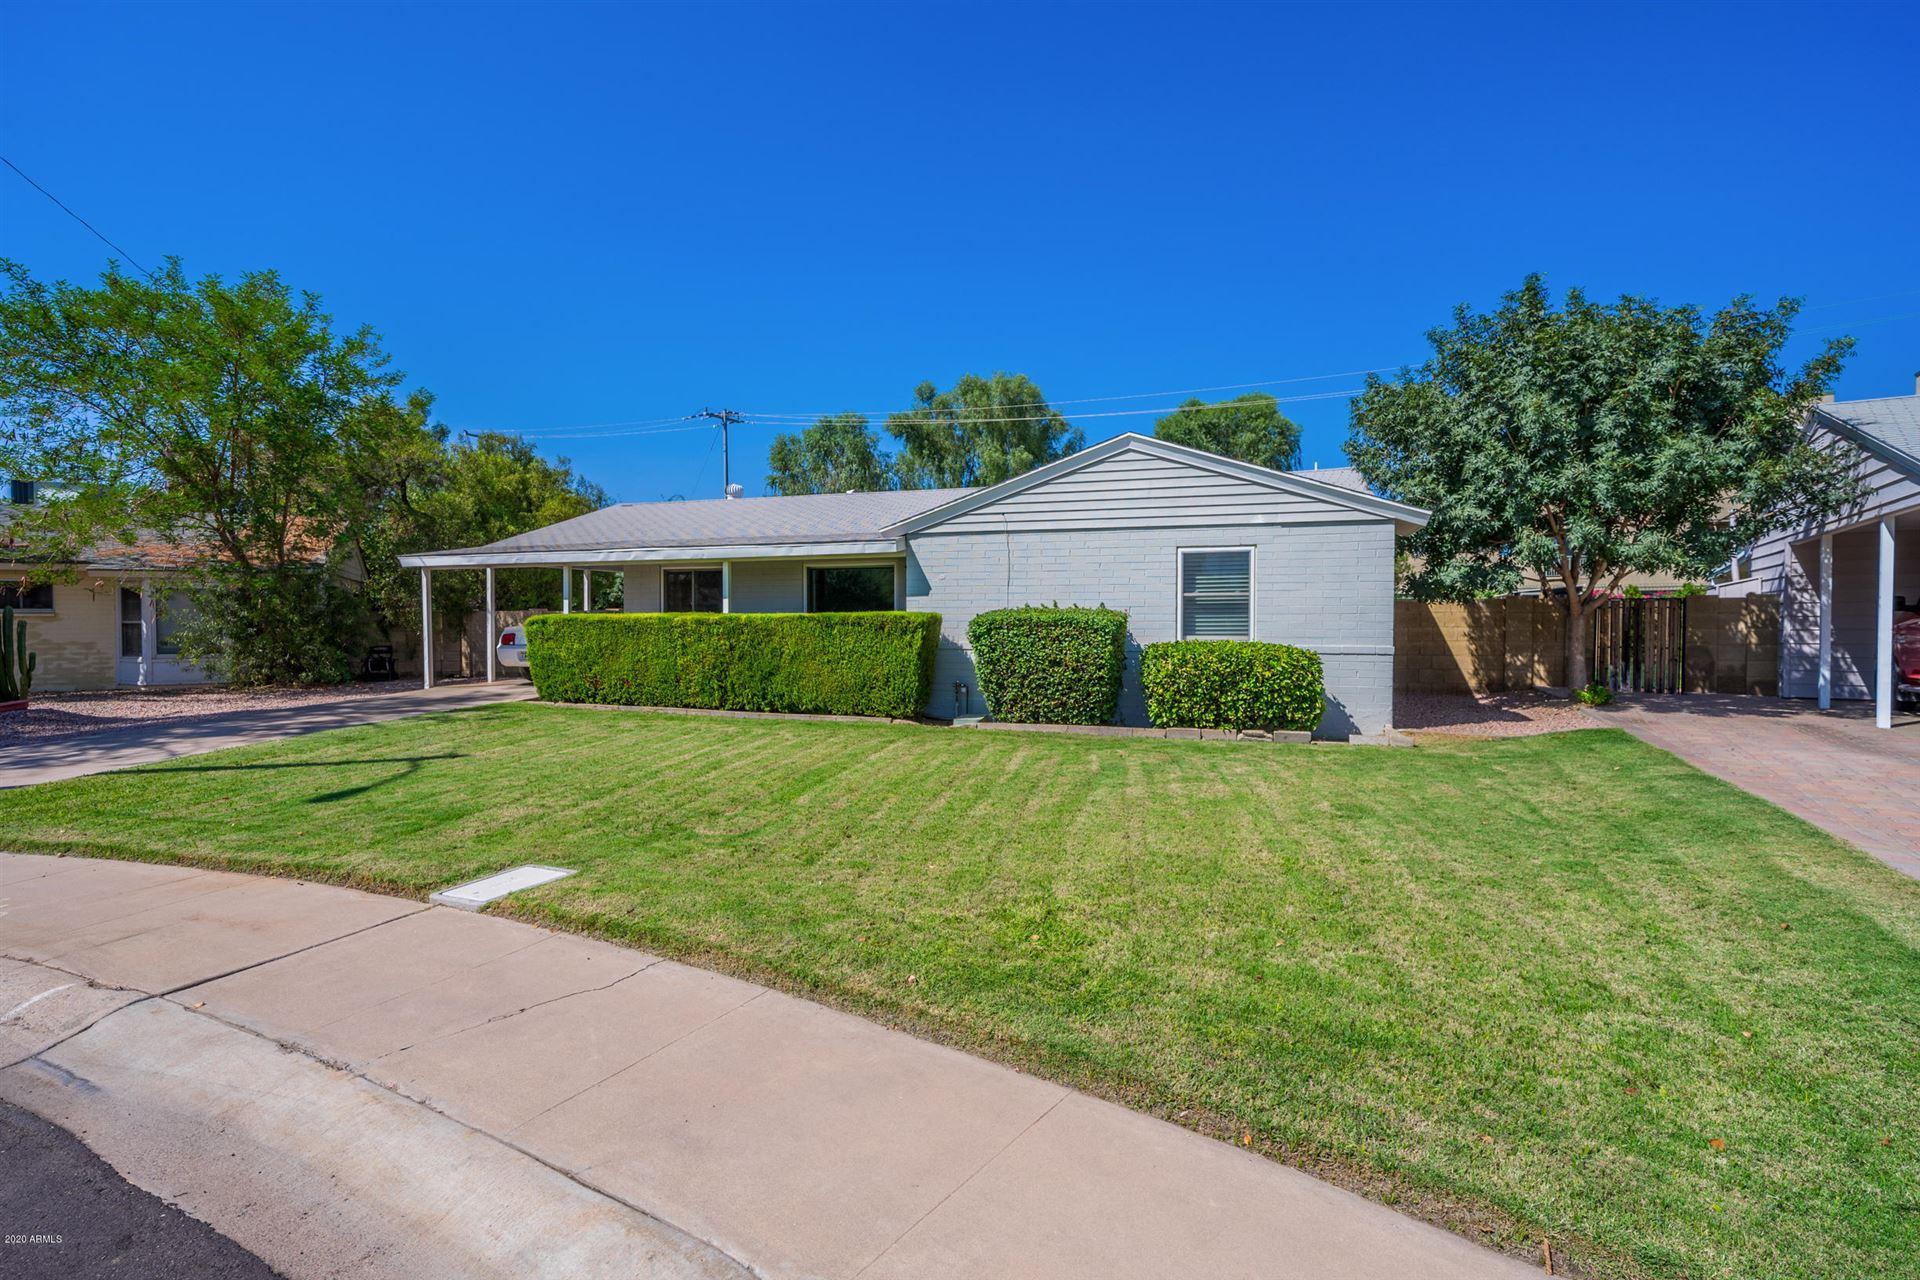 802 E CAVALIER Drive, Phoenix, AZ 85014 - MLS#: 6137521